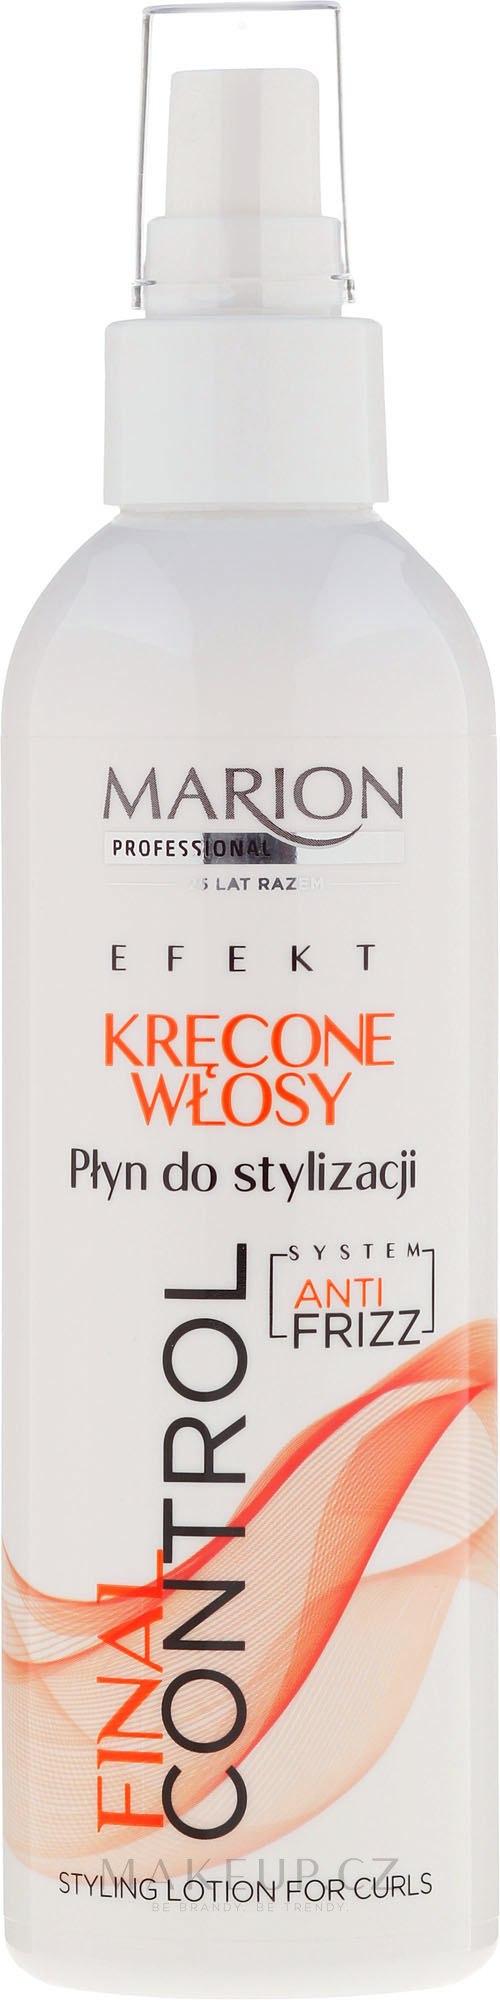 Mléko pro styling kudrnatých vlasů - Marion Final Control Lotion — foto 200 ml